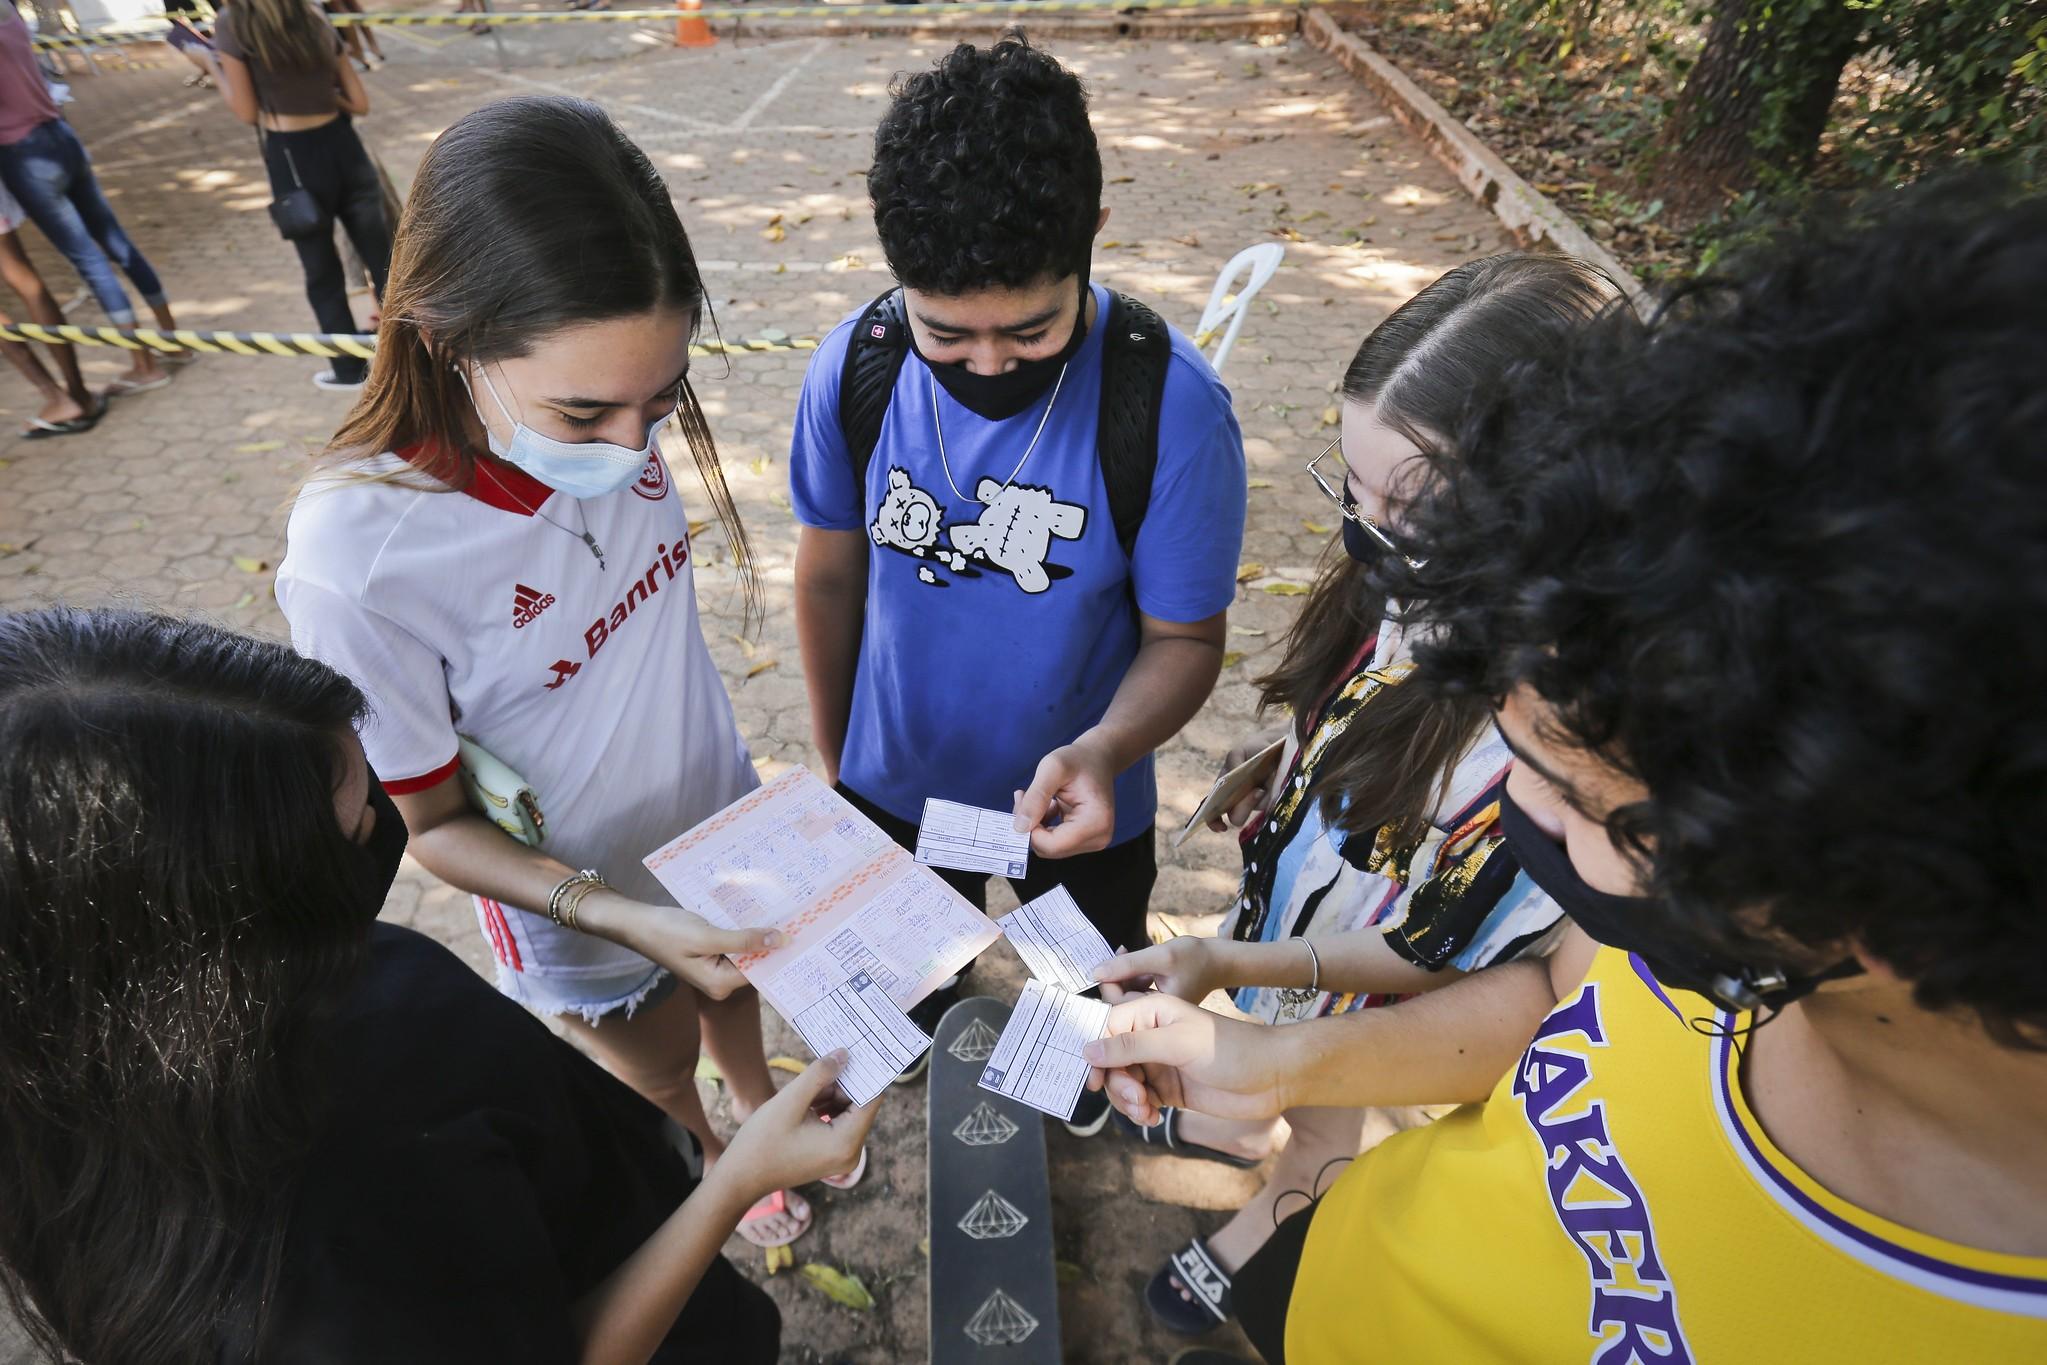 Vacinação contra Covid para adolescentes será ampliada a partir desta quarta no DF, diz Ibaneis